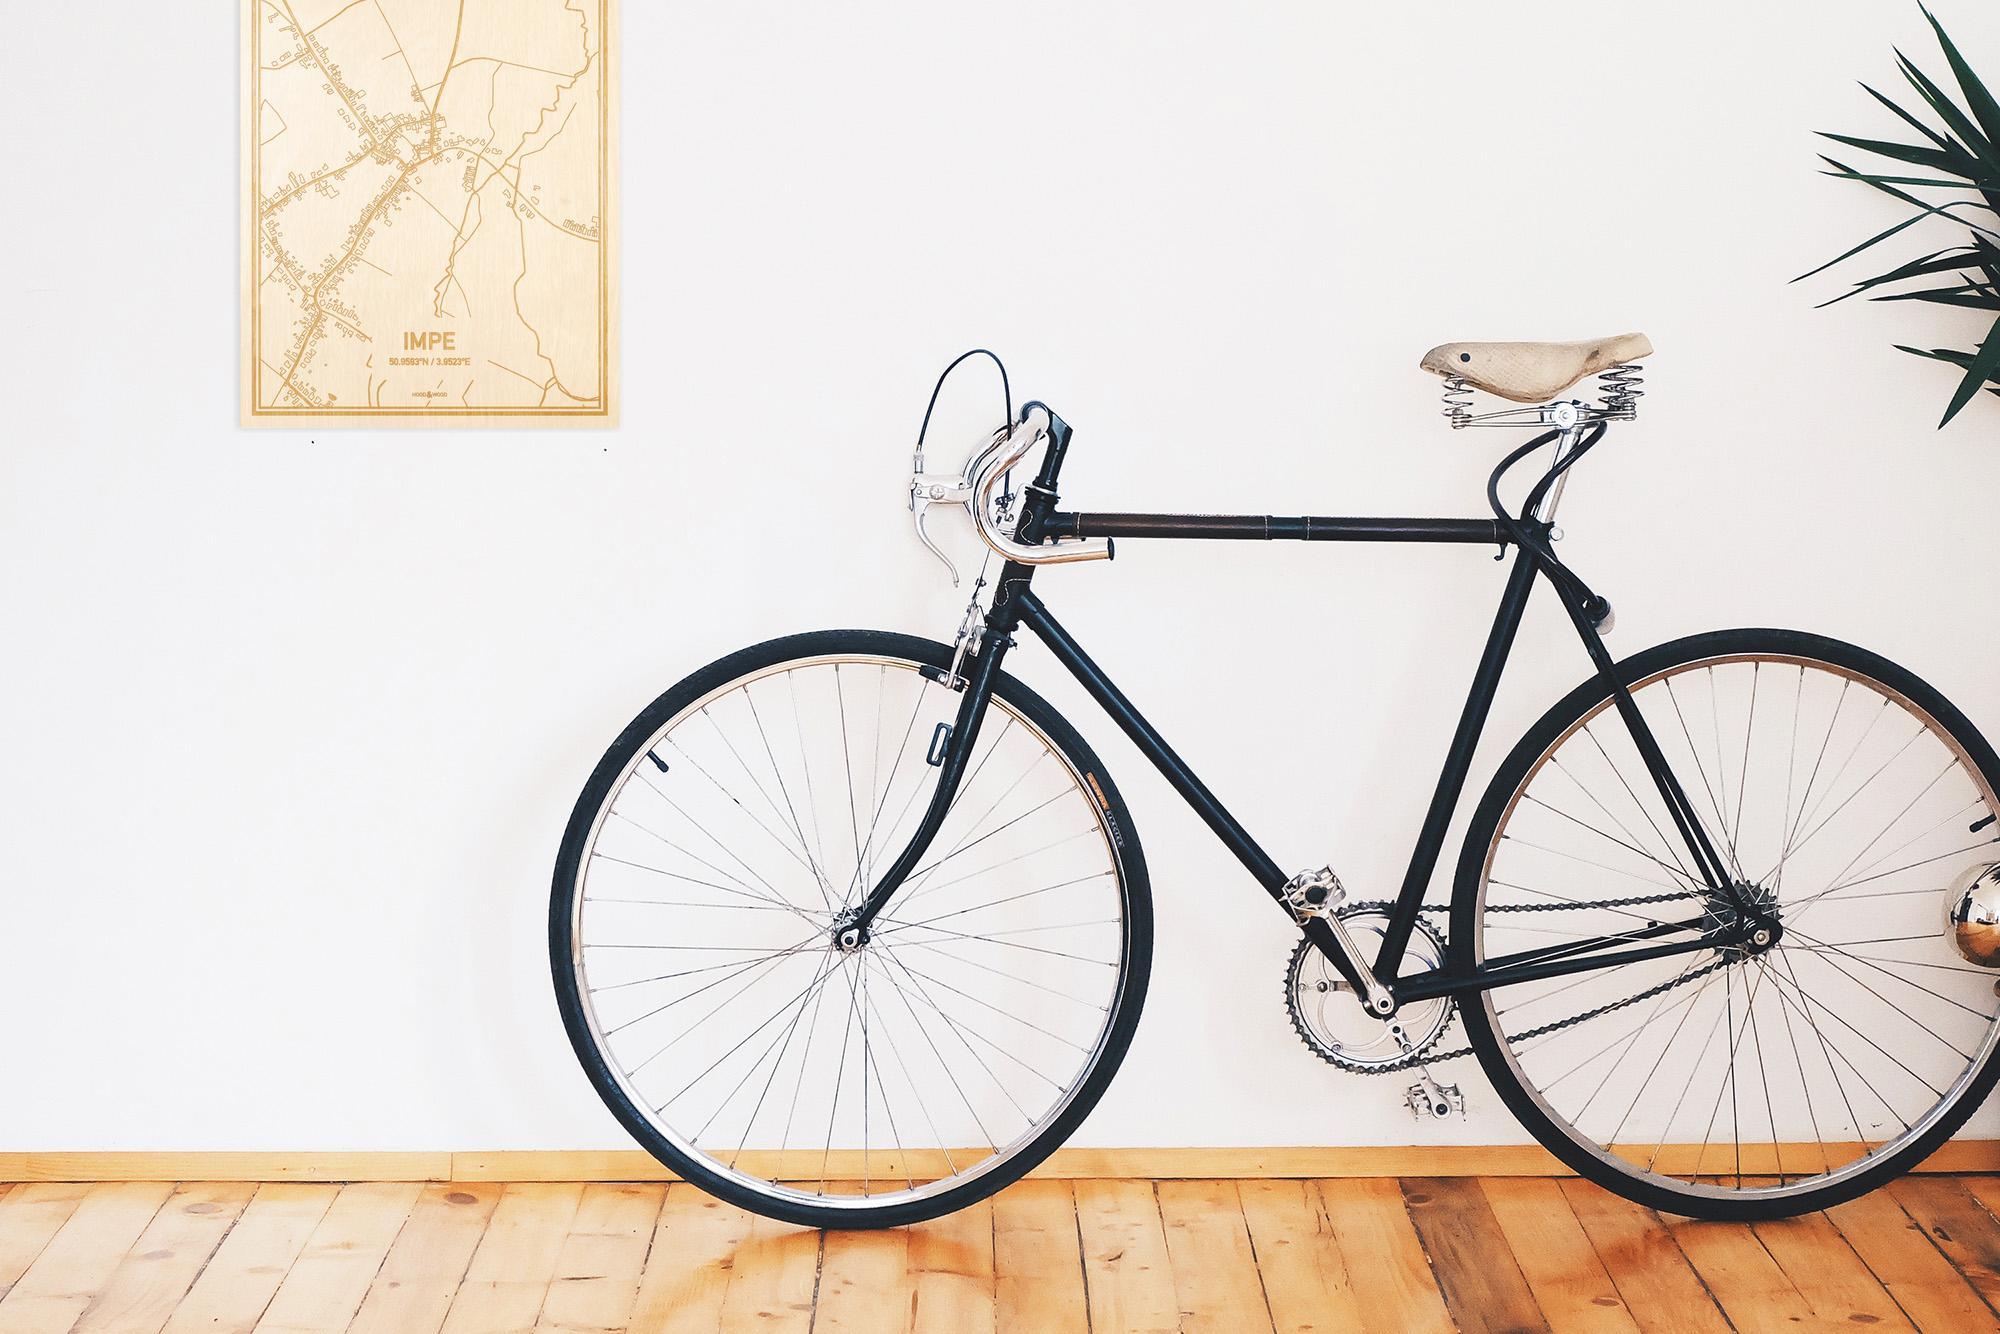 Een snelle fiets in een uniek interieur in Oost-Vlaanderen  met mooie decoratie zoals de plattegrond Impe.